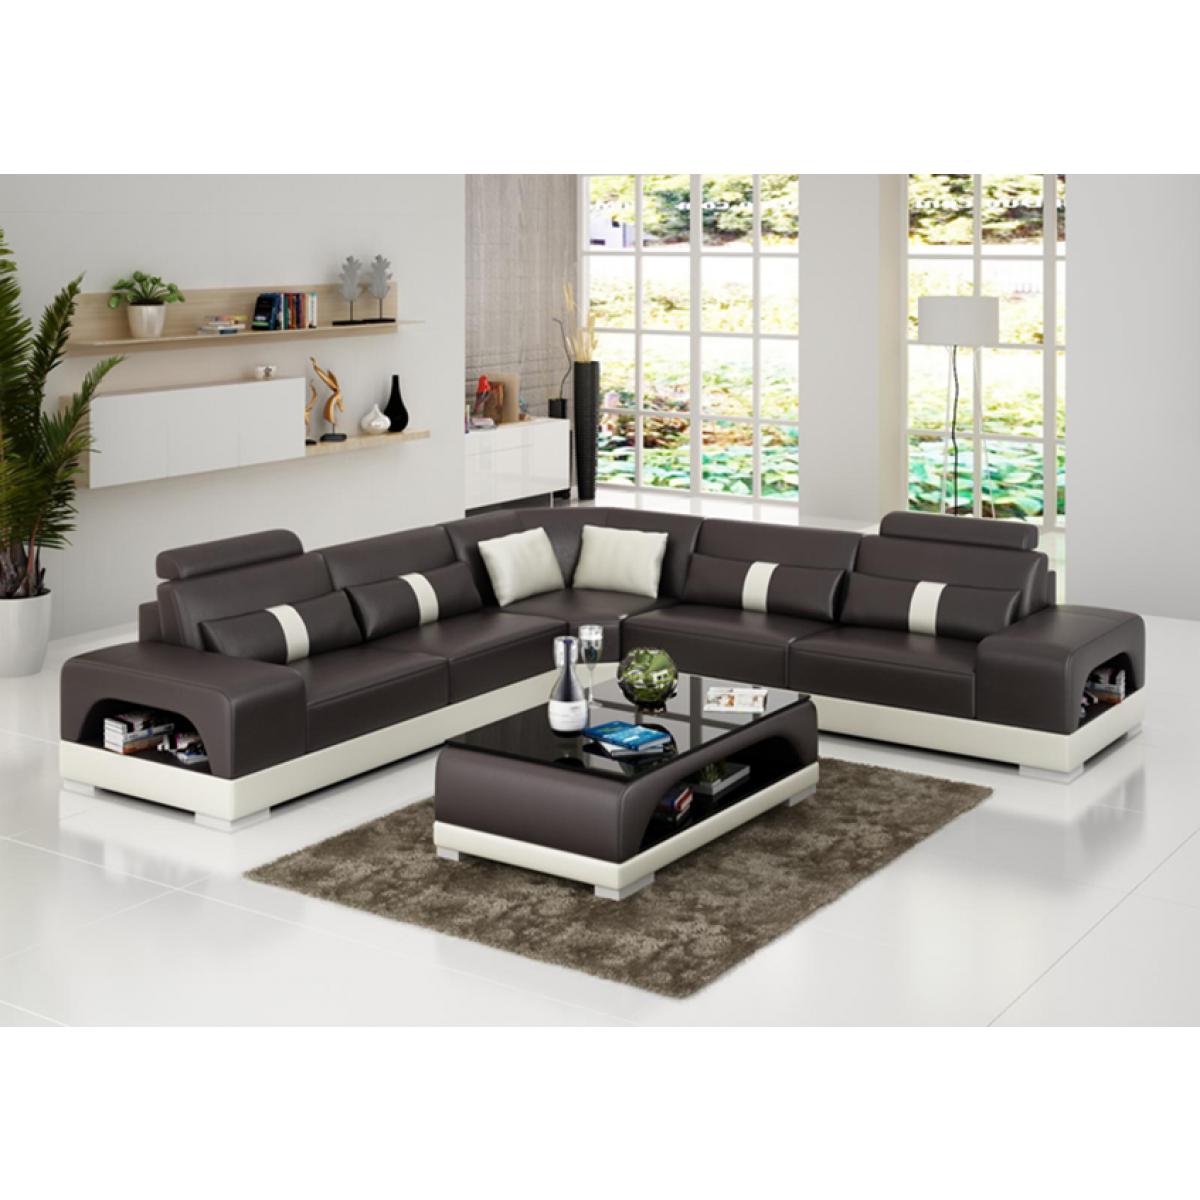 grand canap d 39 angle en cuir lyon. Black Bedroom Furniture Sets. Home Design Ideas